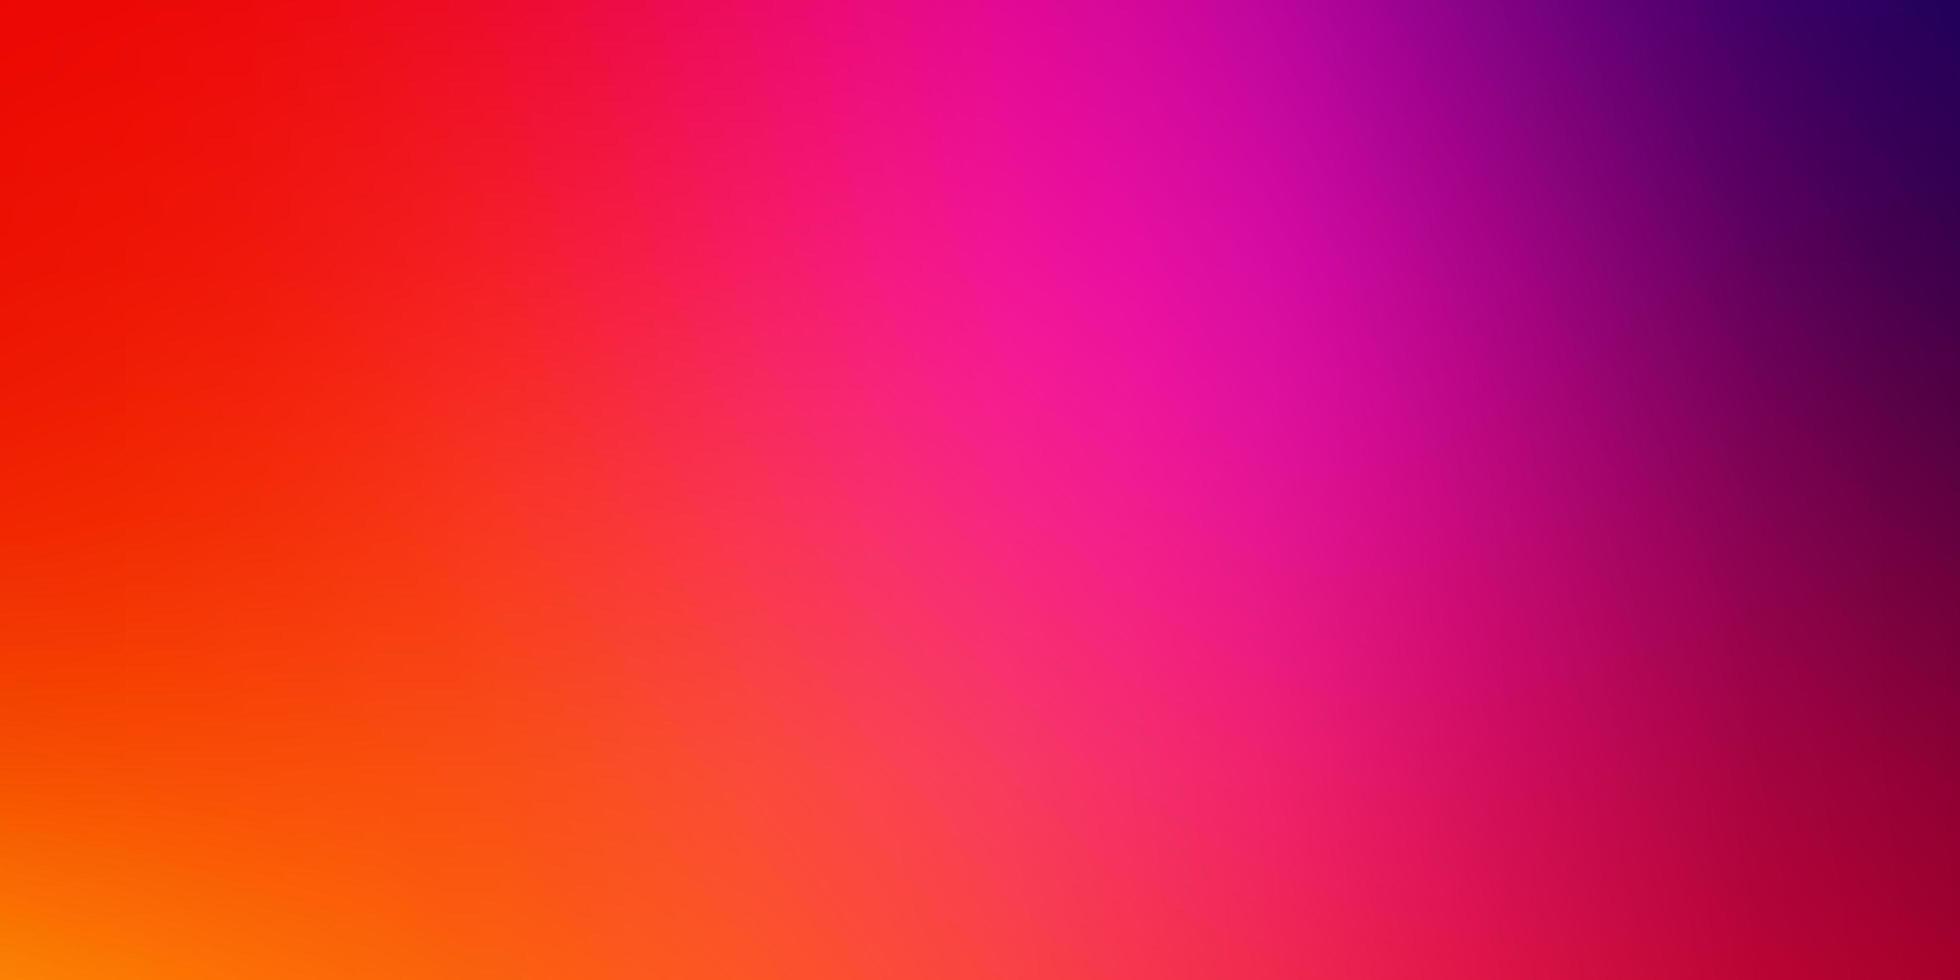 ljusrosa, gul vektor suddig färgglad mall.